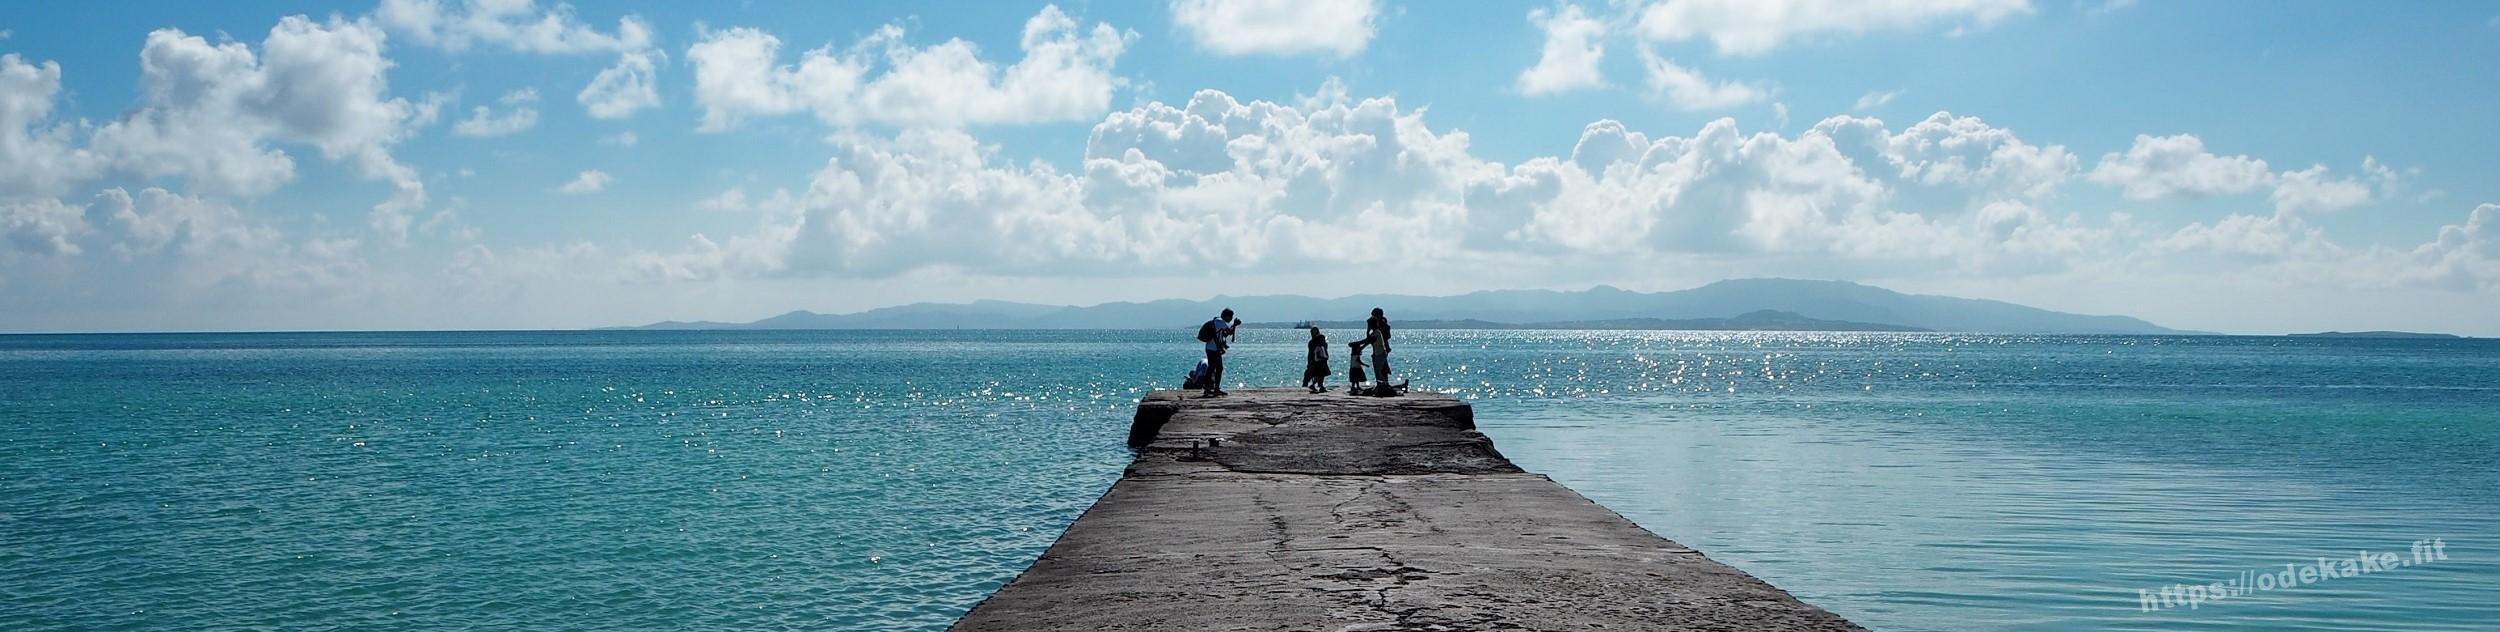 【竹富島3】かき氷の「ひまわり」で再度まったり♪夕方の西桟橋を下見♪